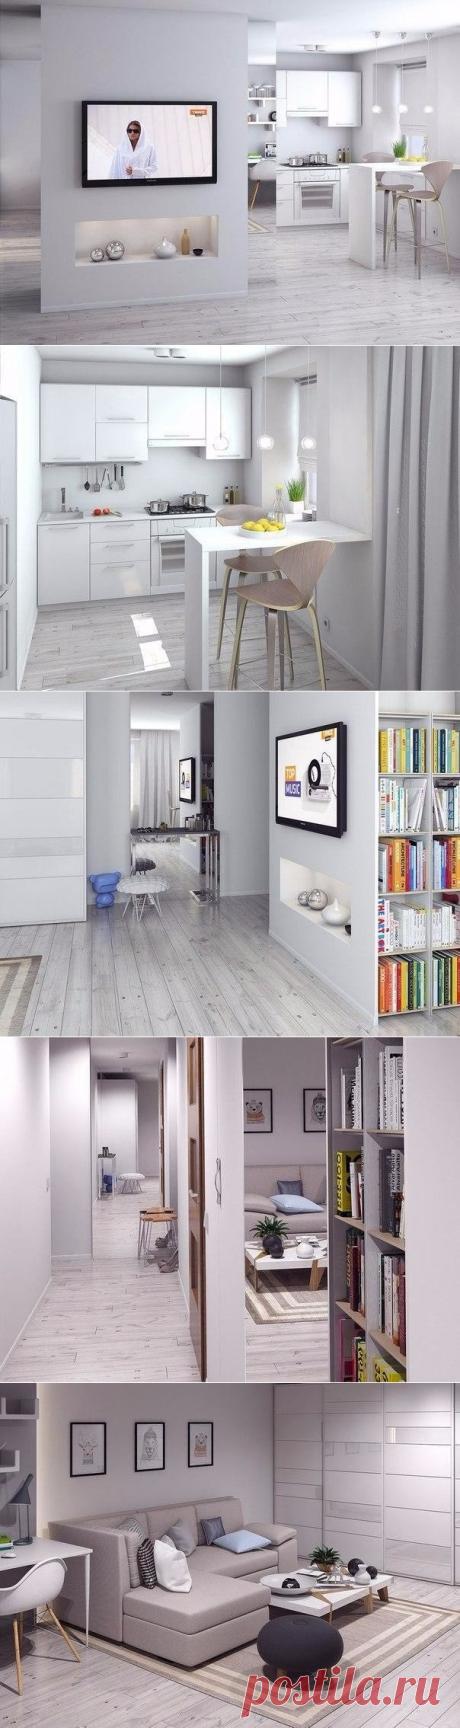 Однокомнатная хрущевка после перепланировки, 33кв. м - Дизайн интерьеров   Идеи вашего дома   Lodgers